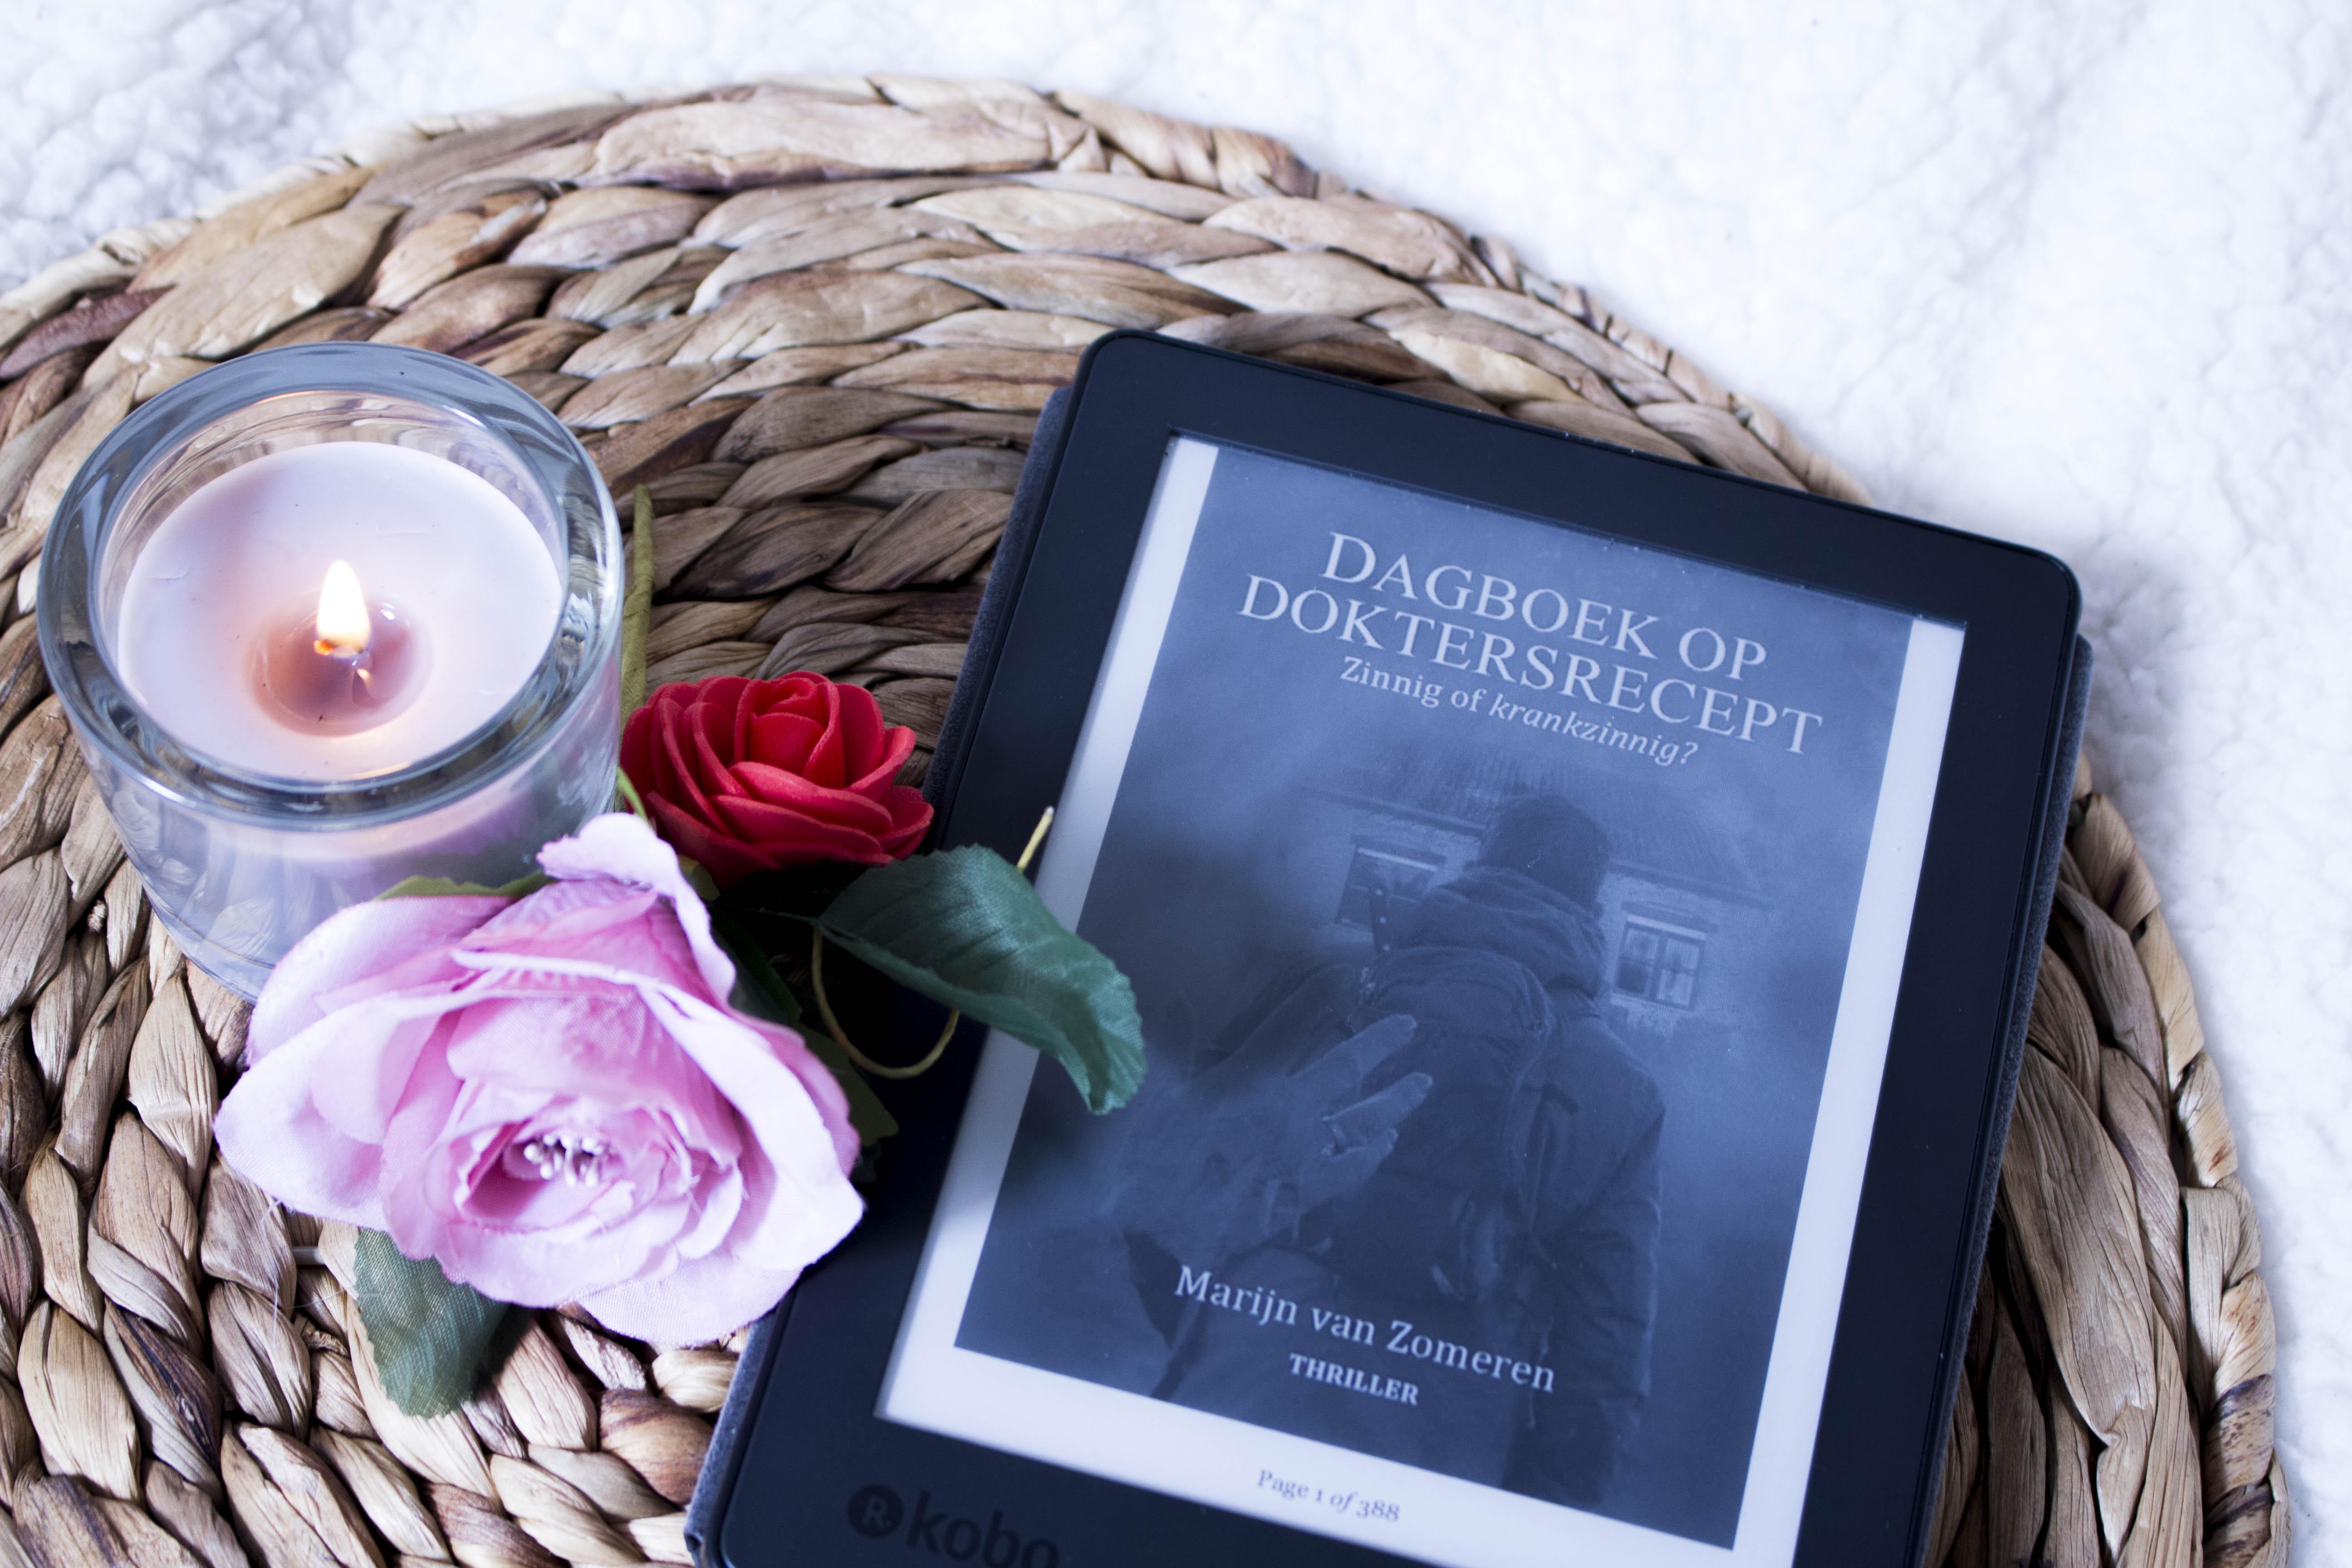 Dagboek op Doktersrecept – Marijn van Zomeren